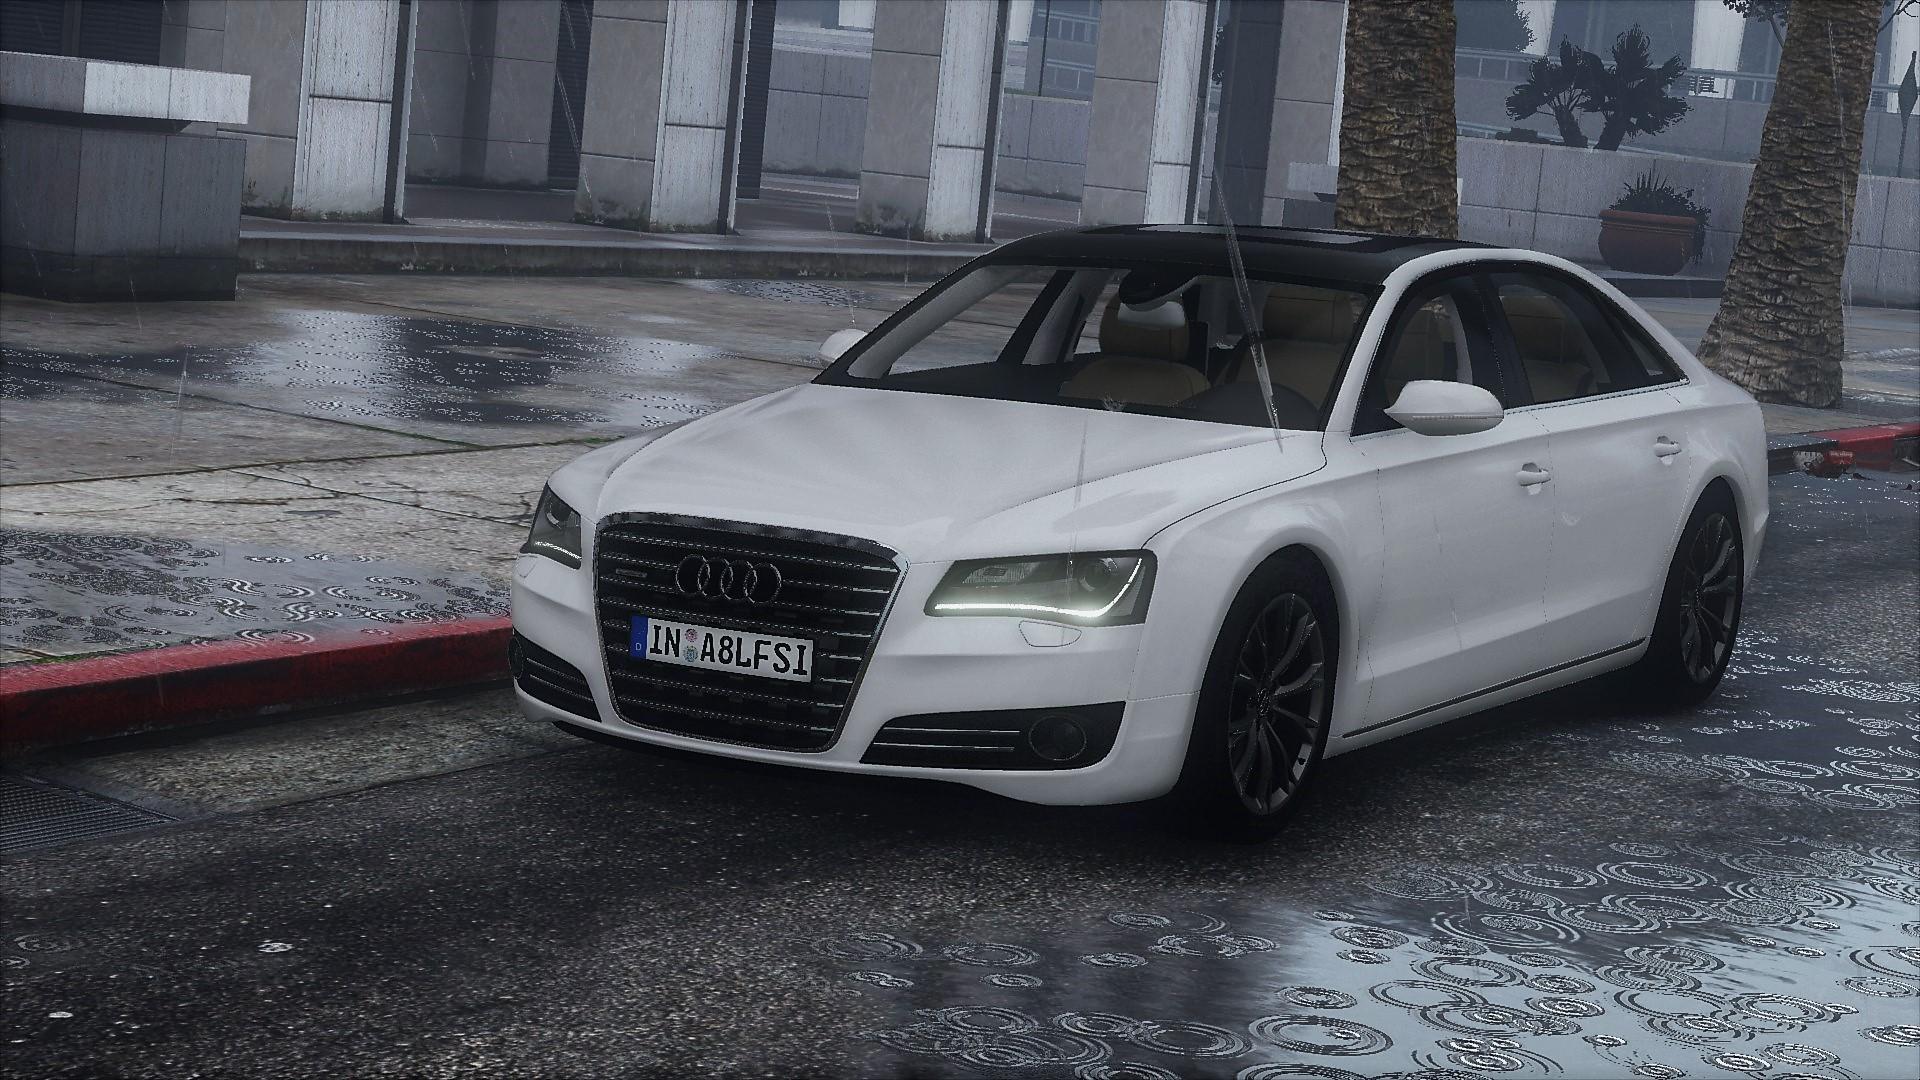 2010 Audi A8 L 4 2 Fsi Quattro D4 Add On Tuning